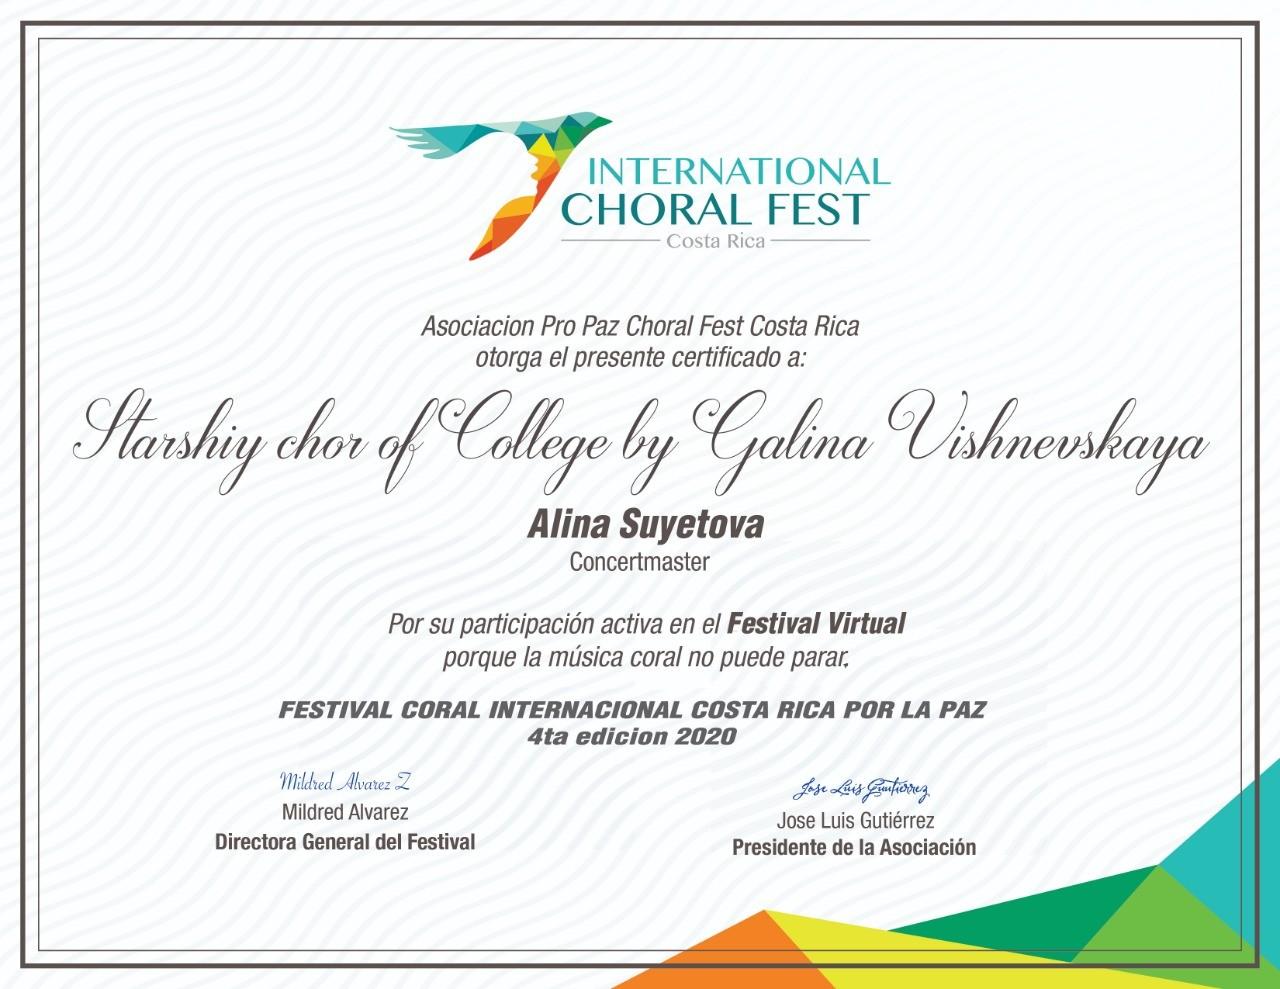 Международный хоровой виртуальный фестиваль Коста-Рики